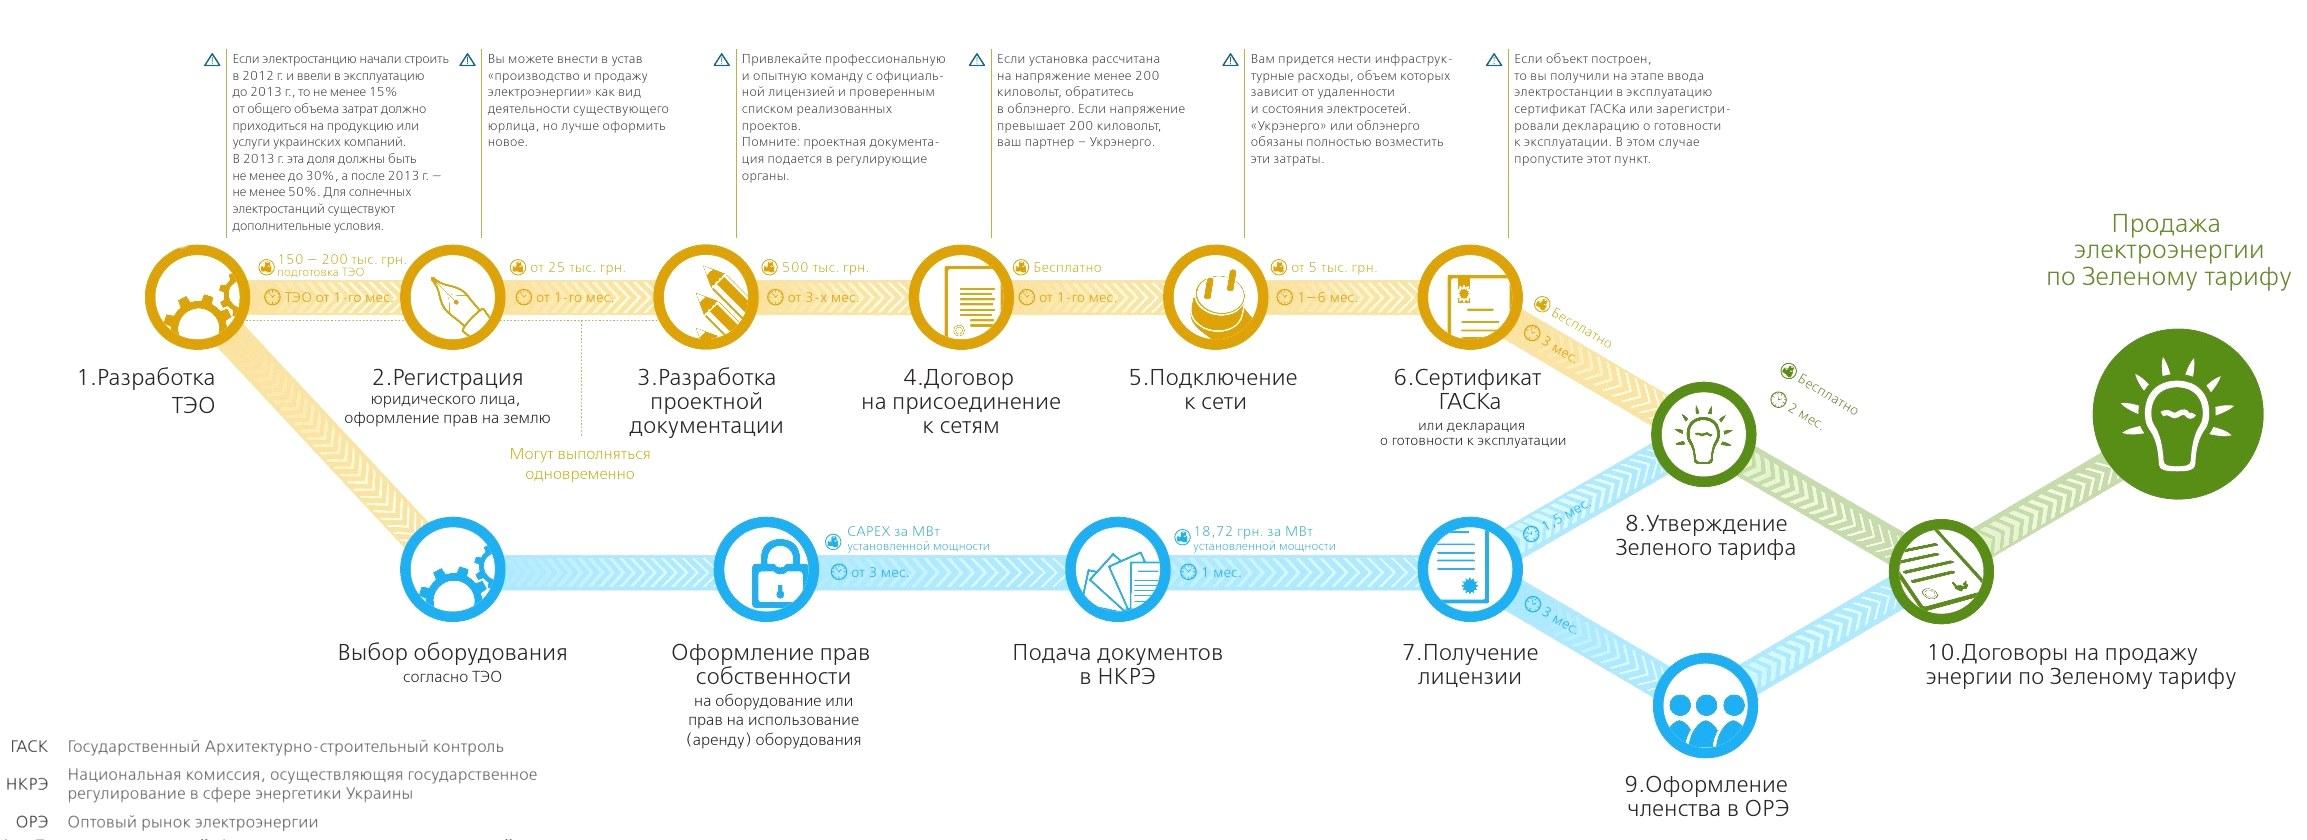 Дорожная карта для получения Зеленого тарифа для юр.лиц